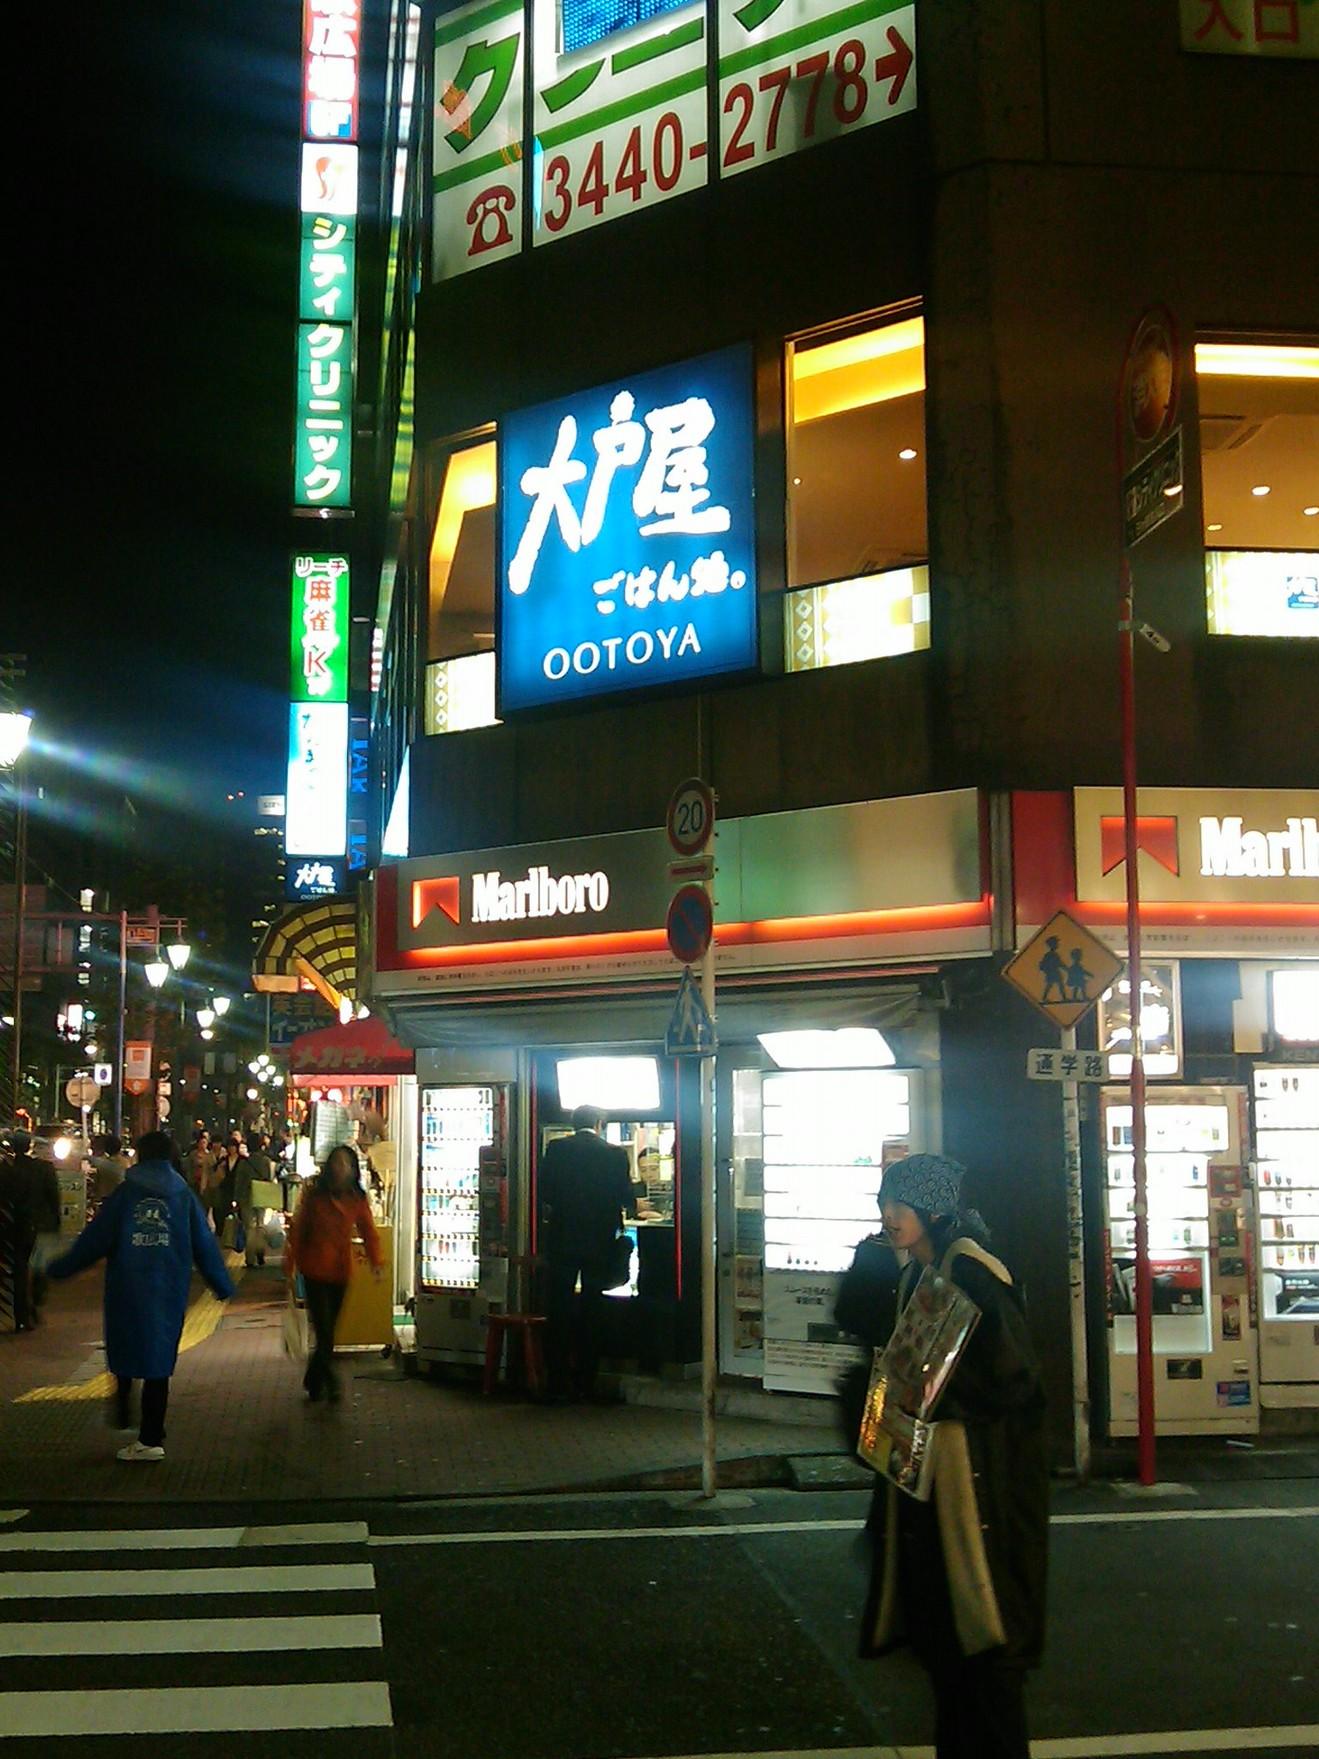 UOKIN ビストロ 五反田店